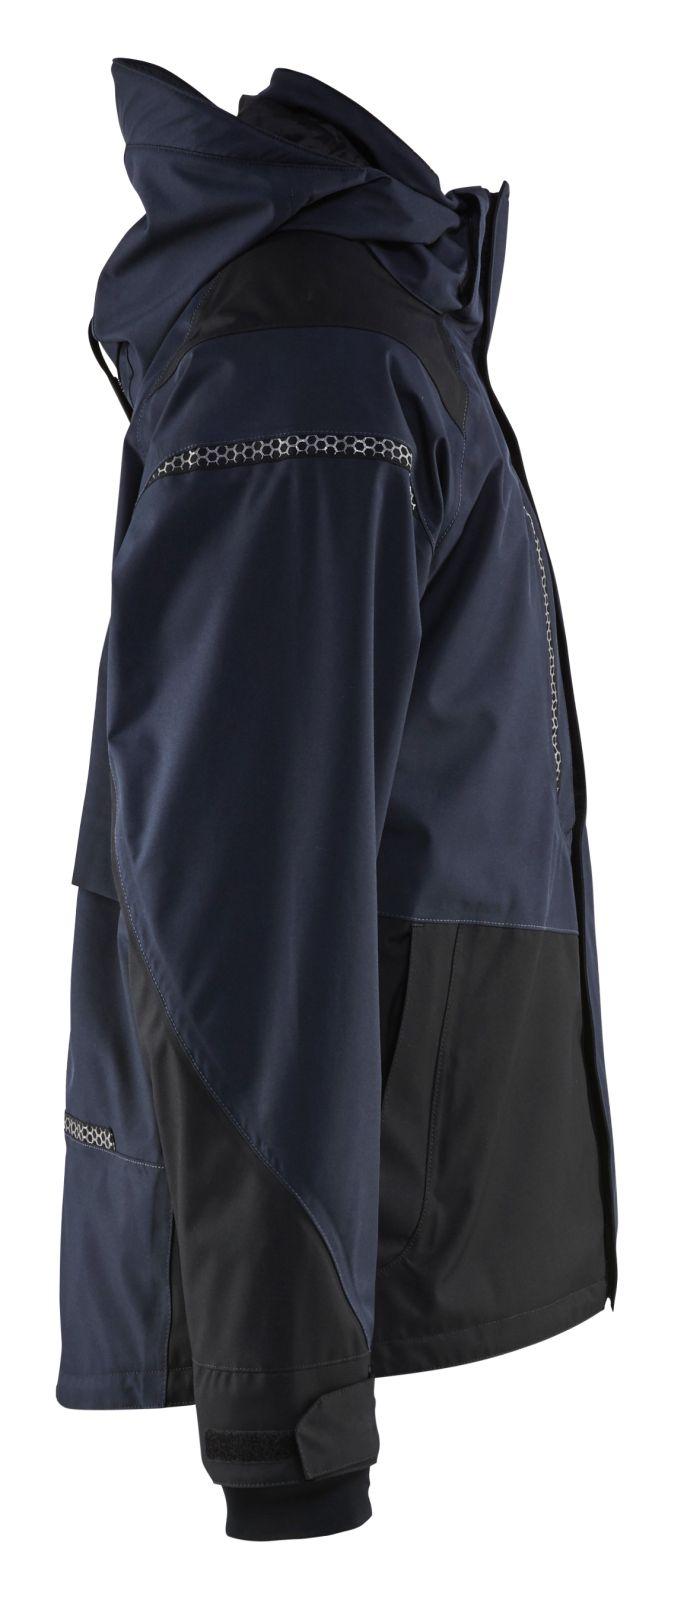 Blaklader Jassen 49881987 Stretch donker marineblauw-zwart(8699)